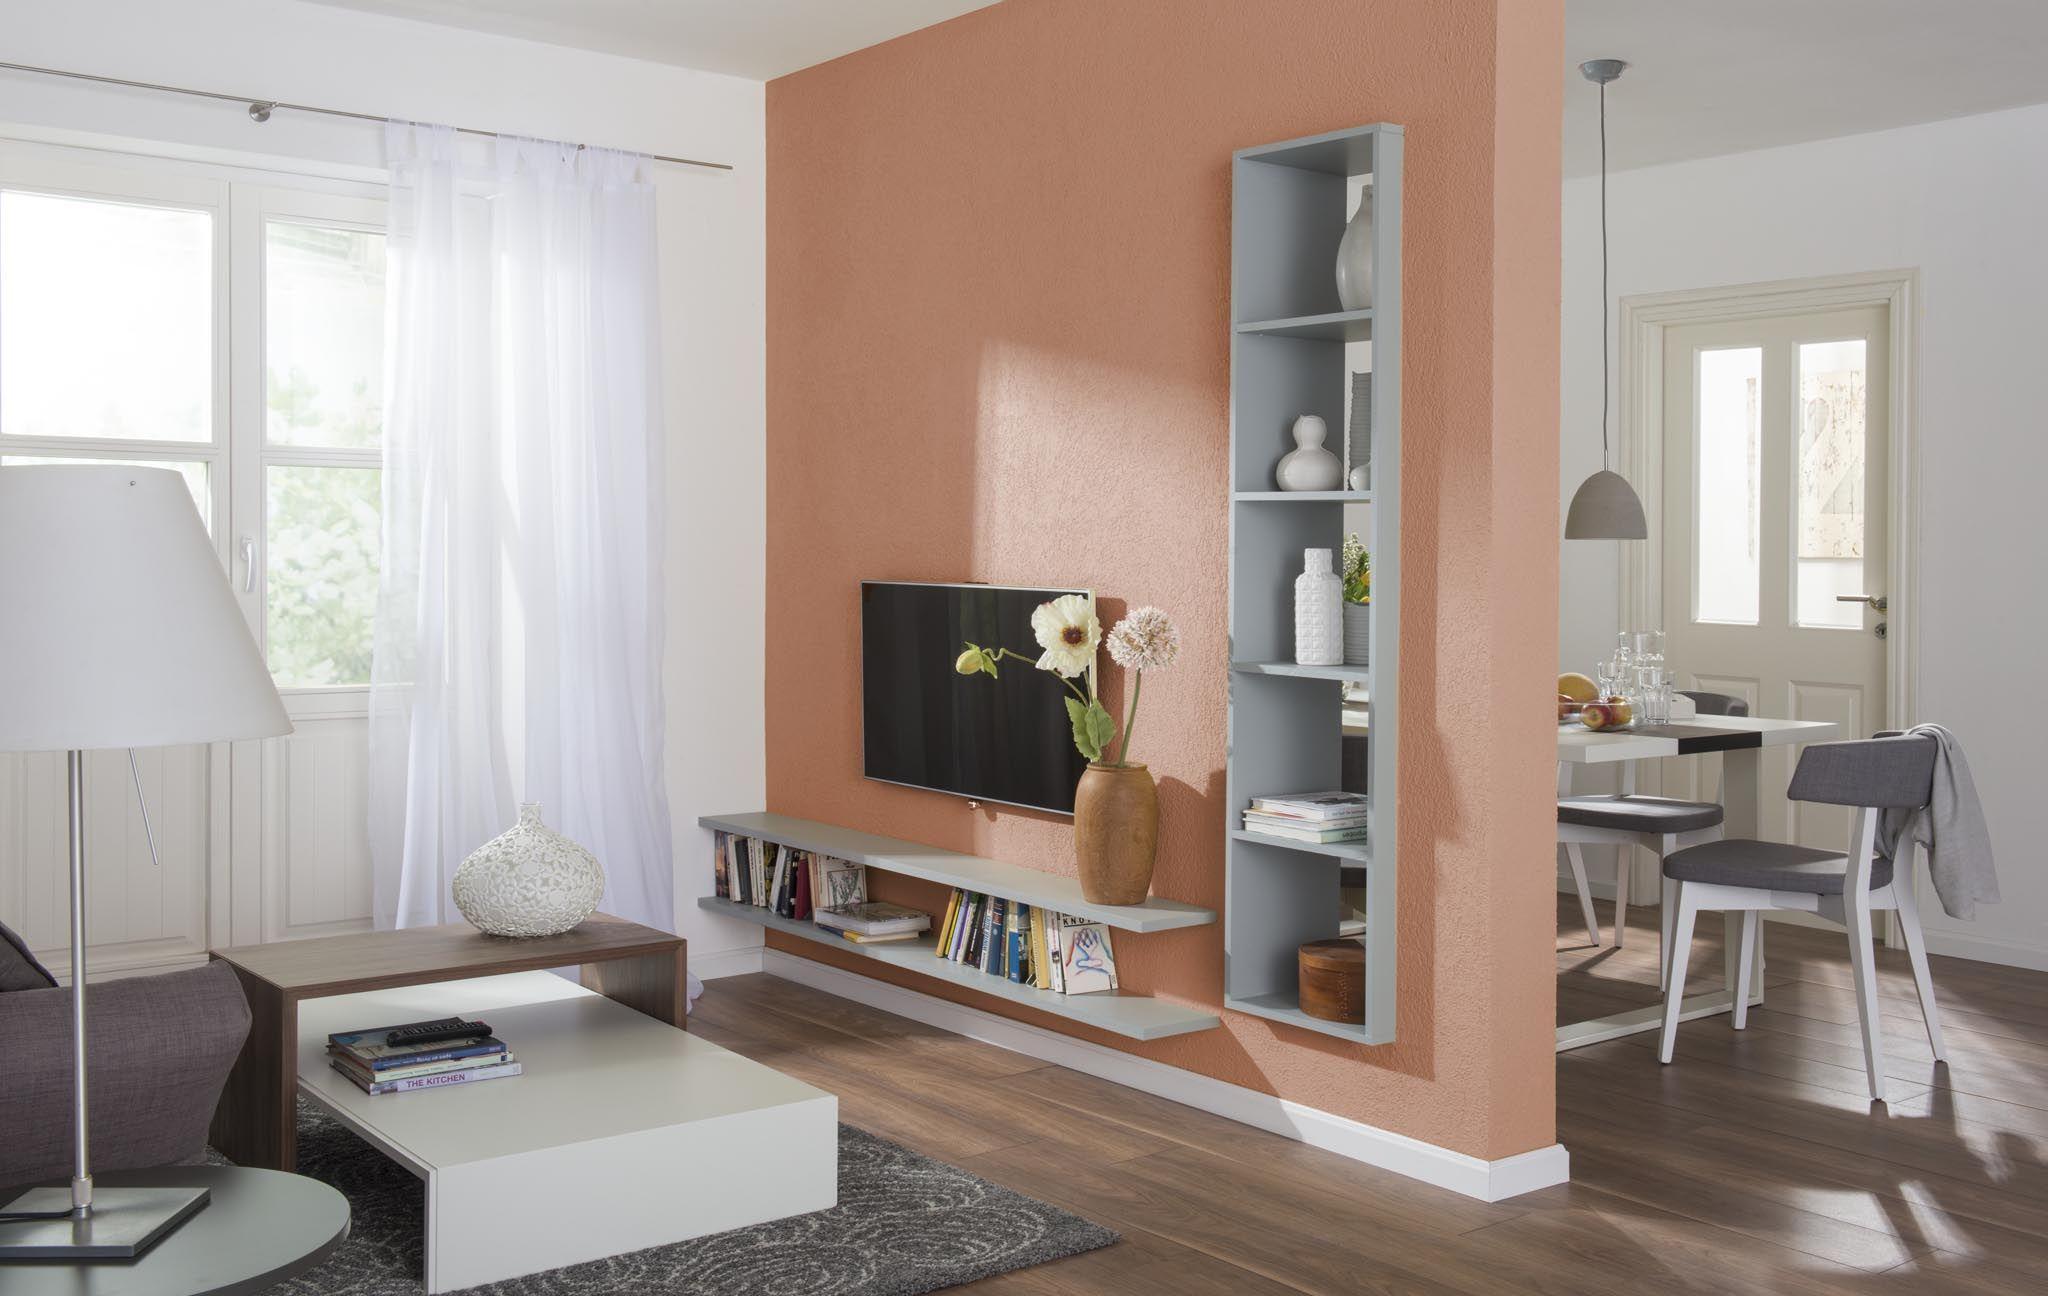 Kleiner wohnraum einrichten condos